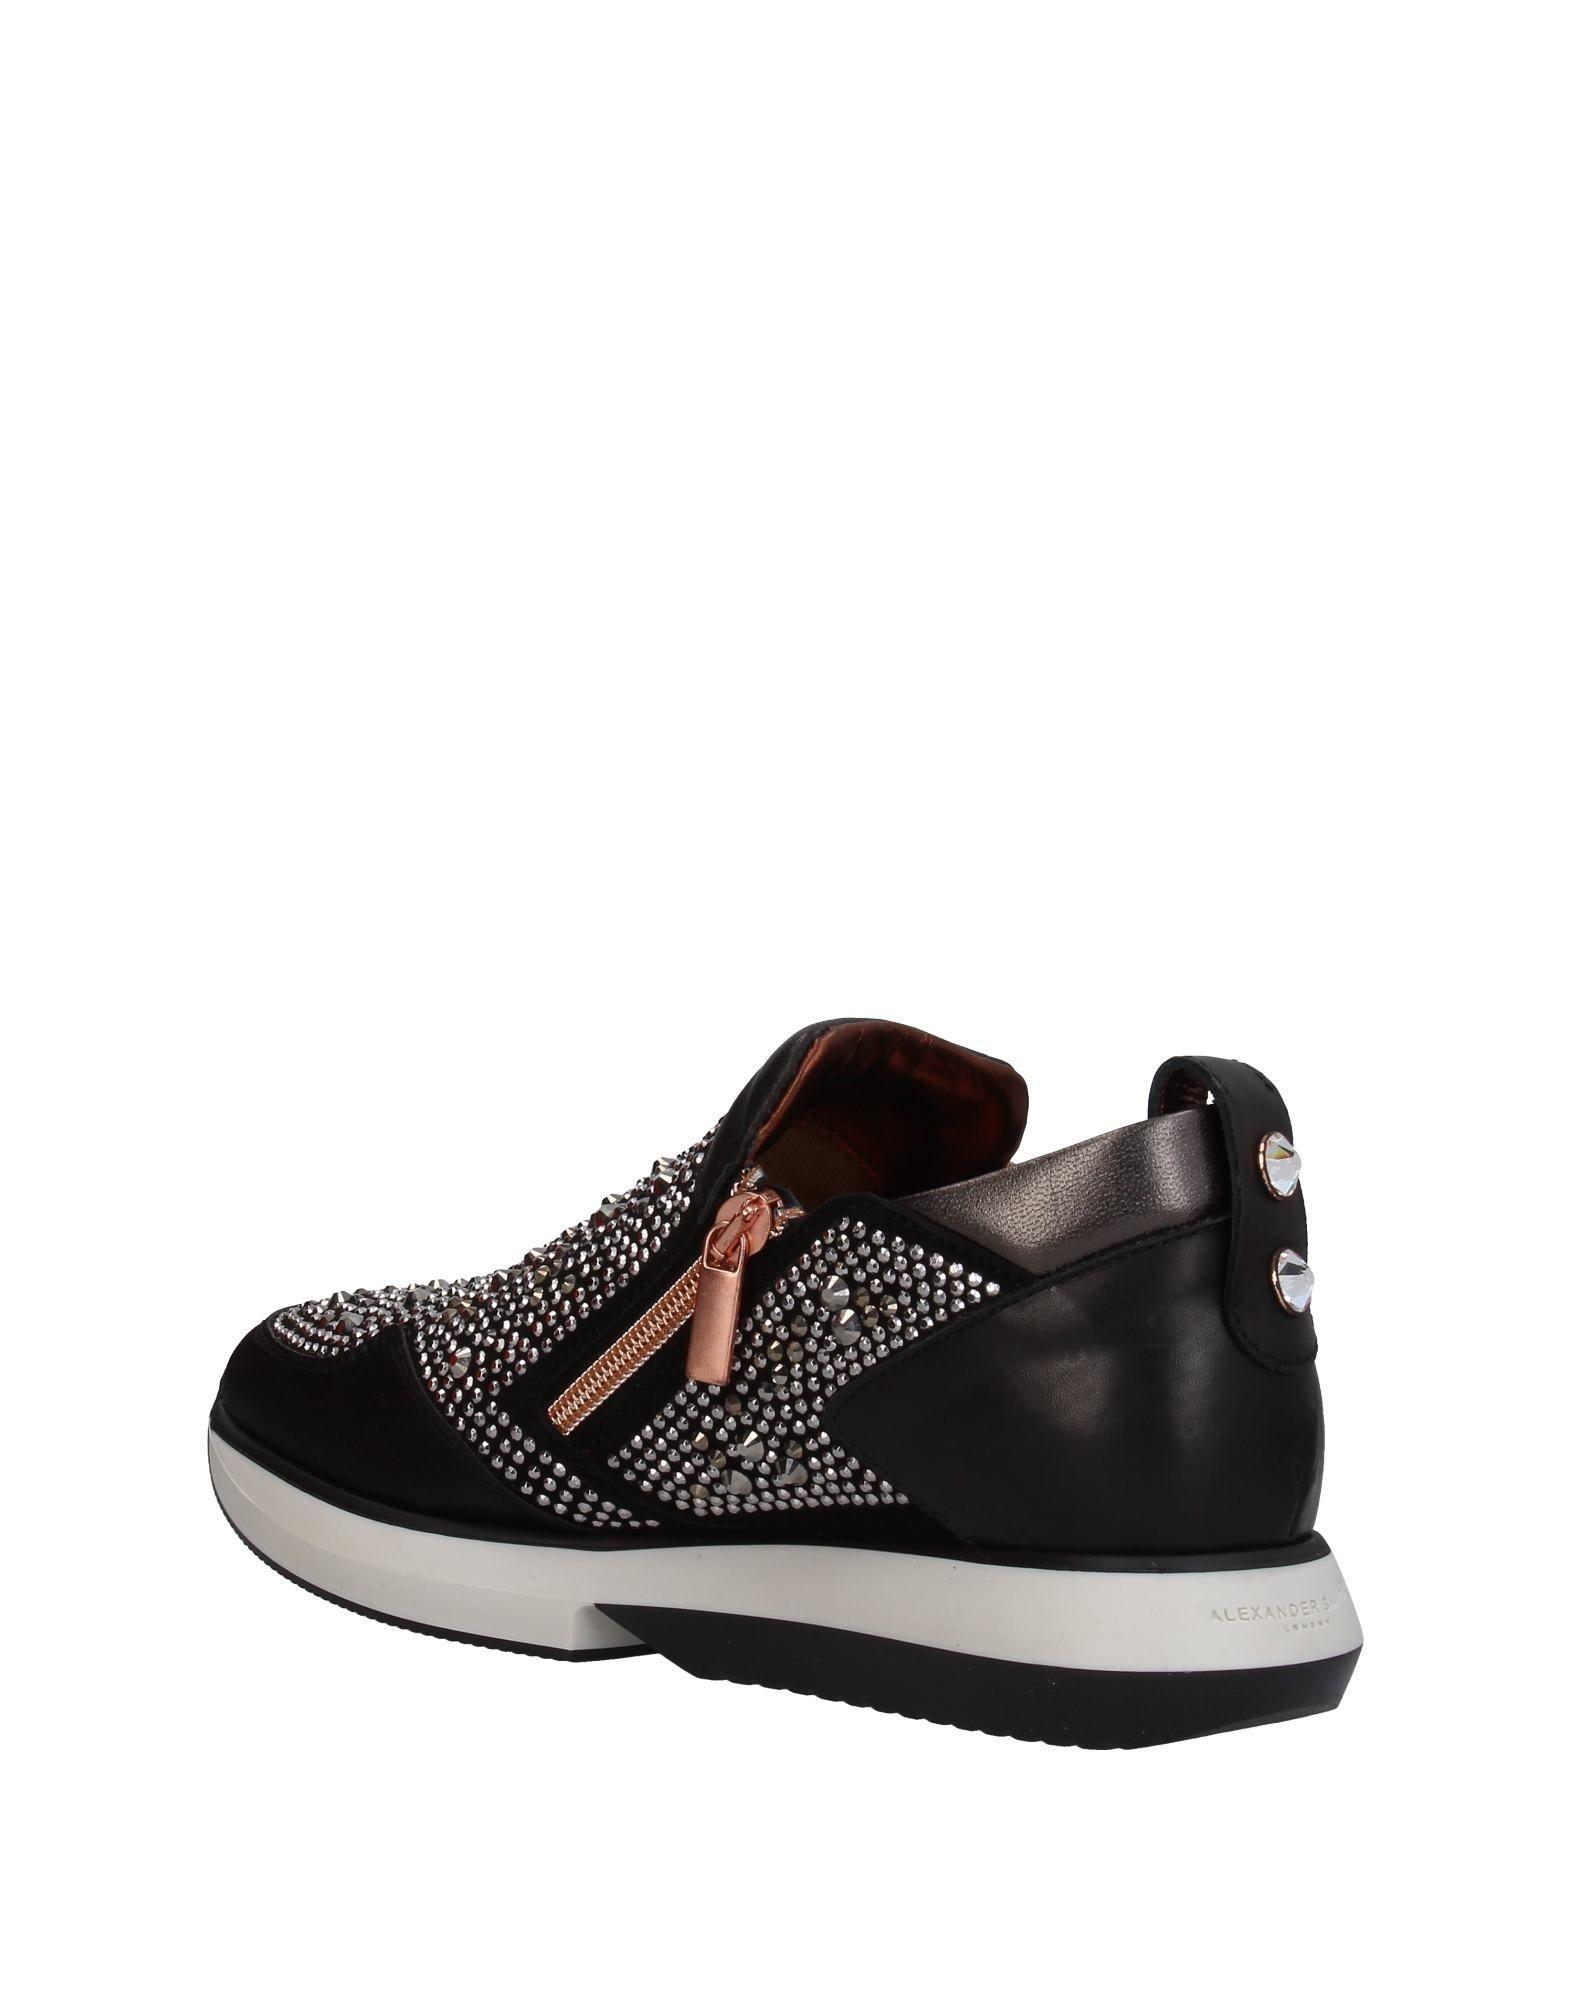 Sneakers & Deportivas Alexander Smith de Raso de color Negro